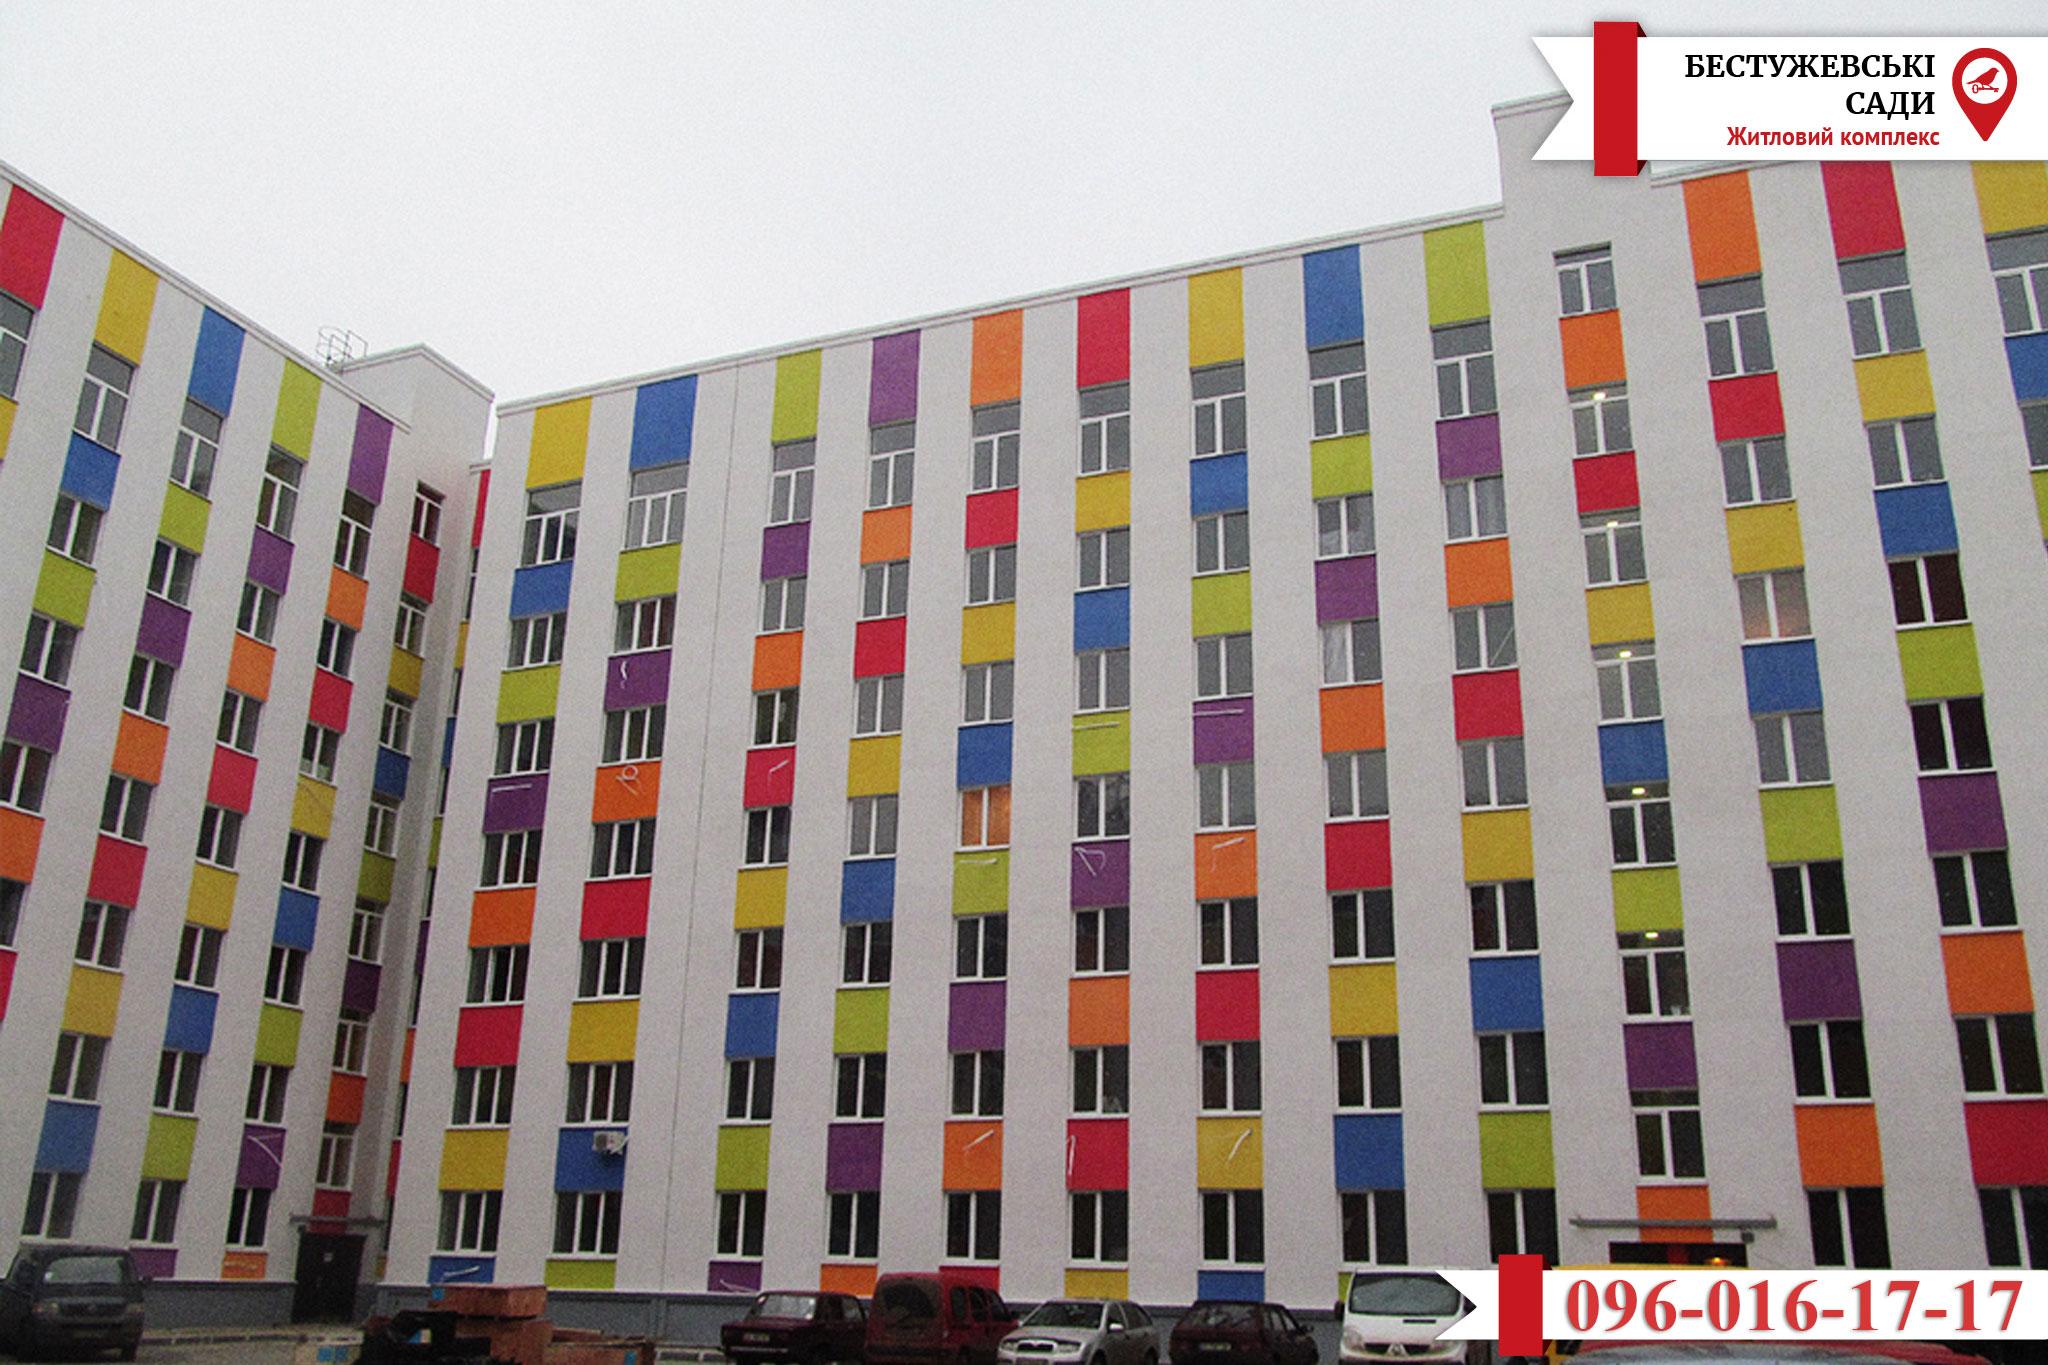 Новини з будівельного майданчика ЖК «Бестужевські сади-2»